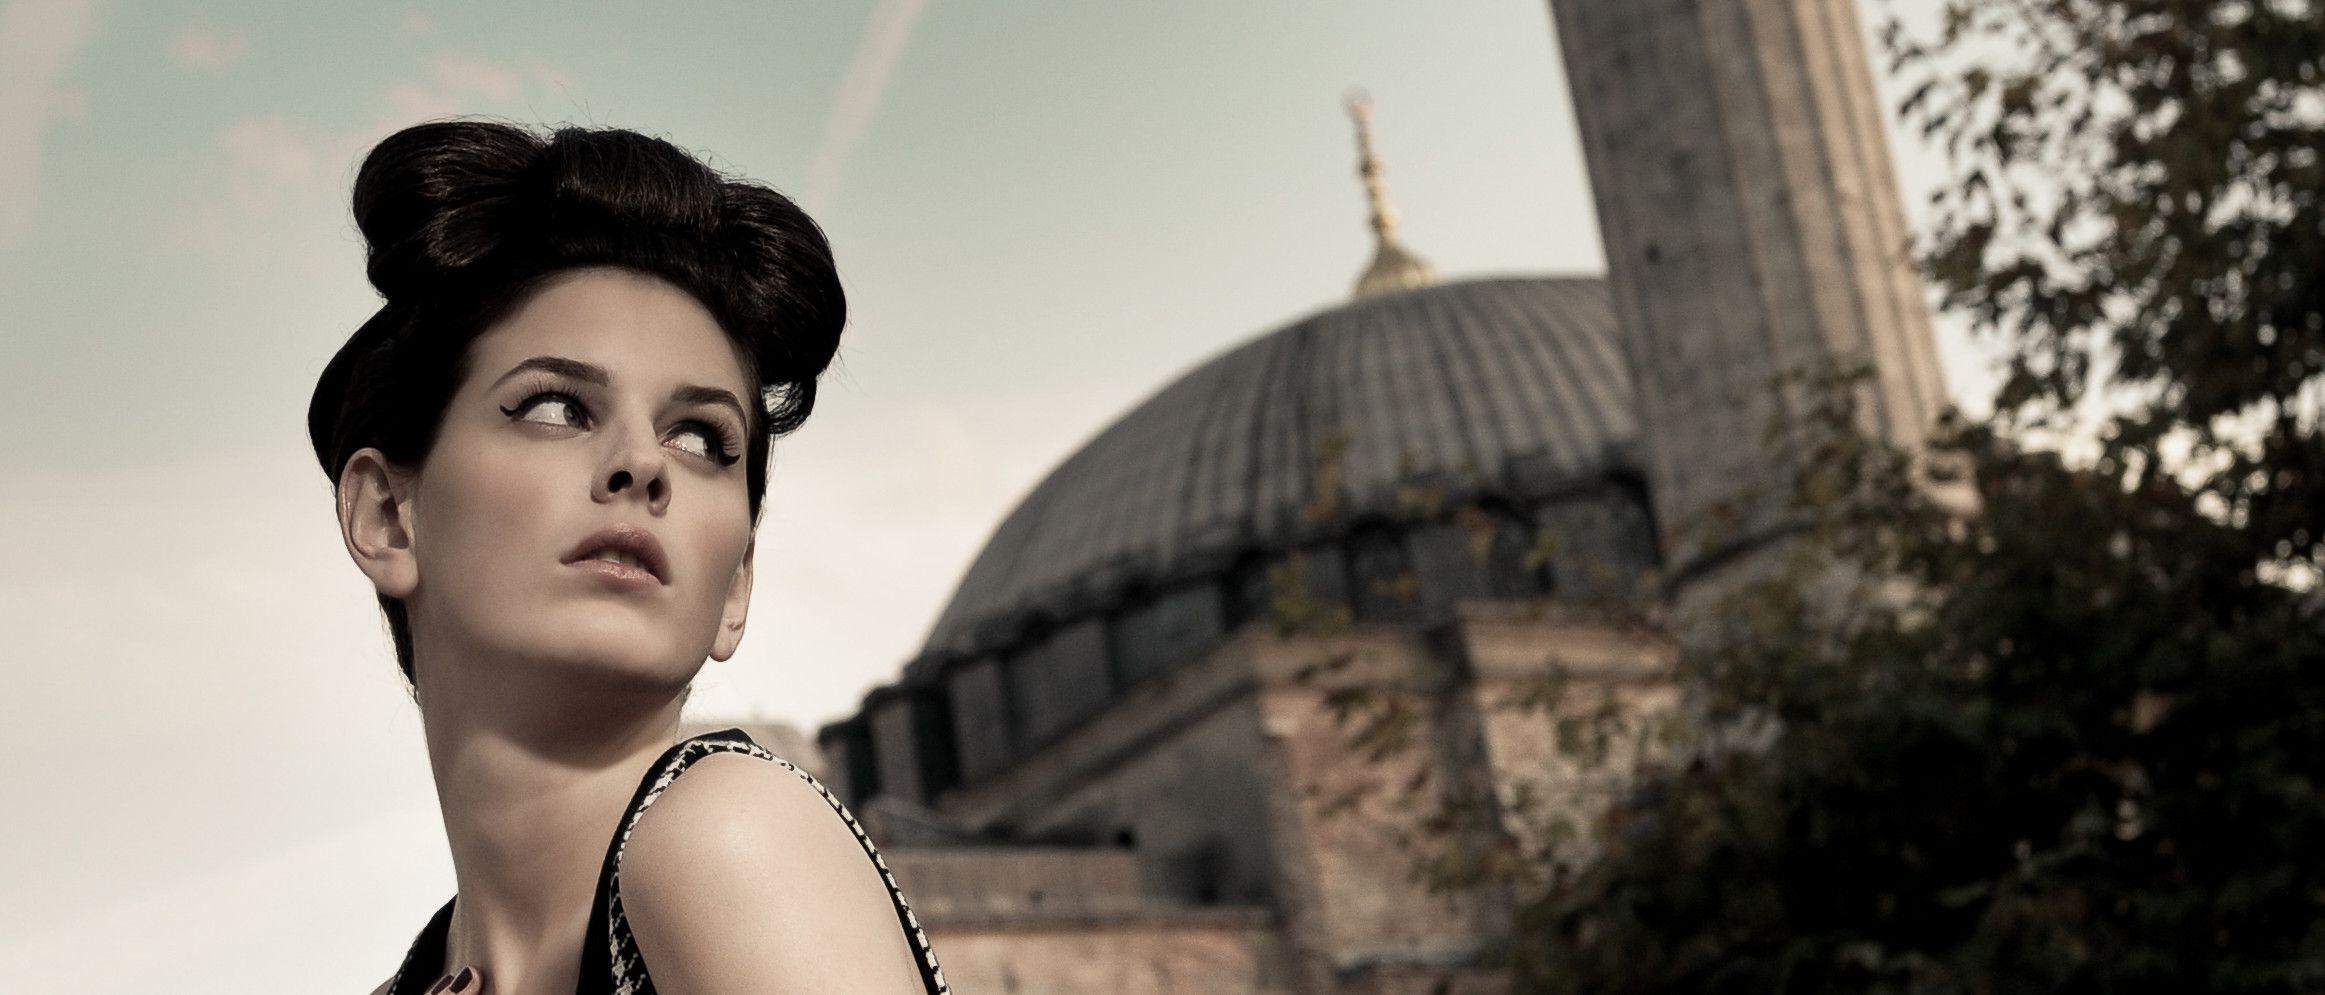 Hairstylist Müfide presenteert haarshow Sultans